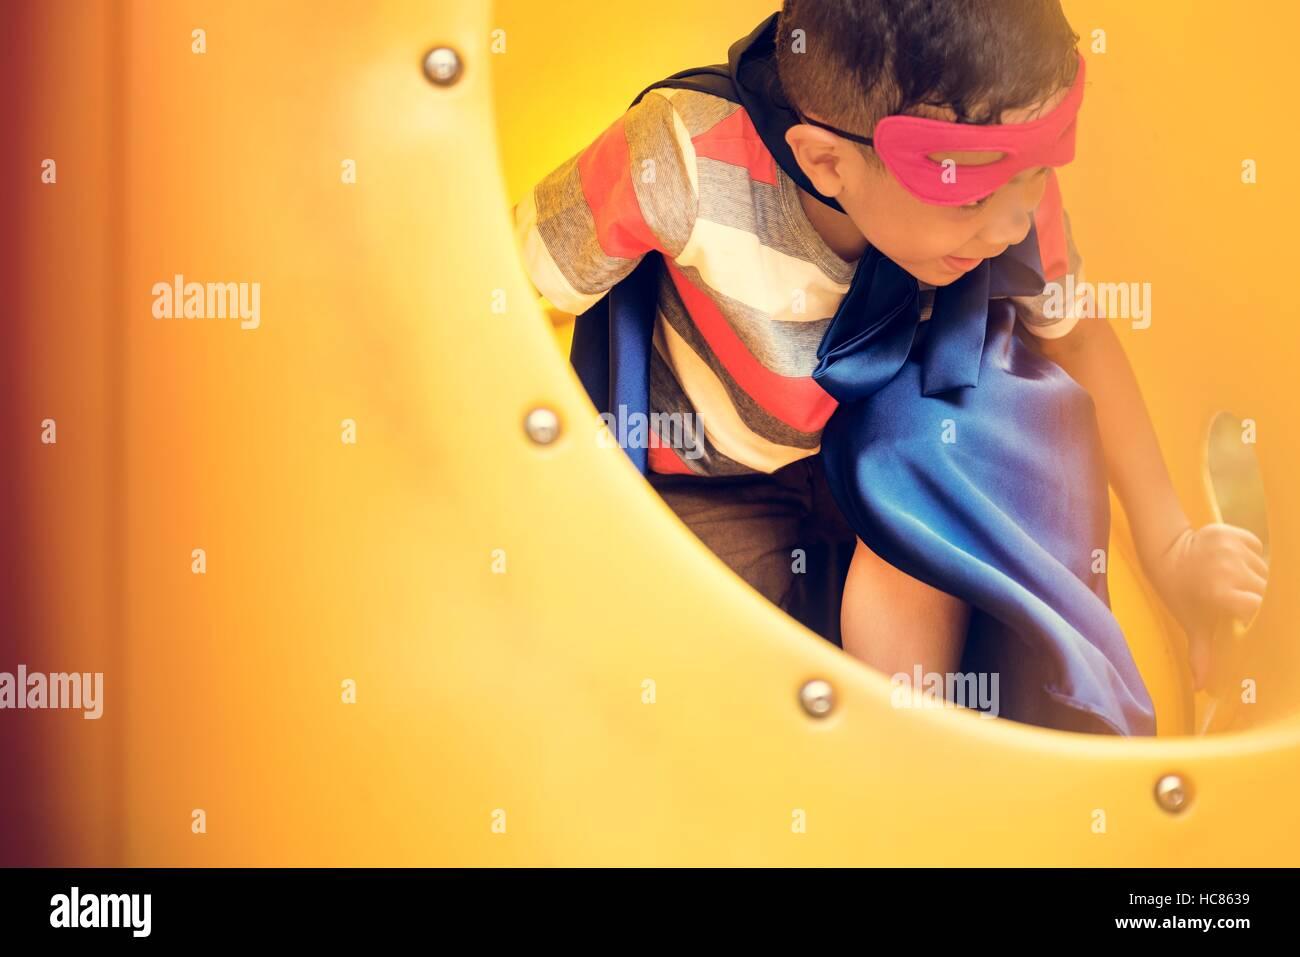 Spielplatz Hof Superhelden Freiheit Kind junge Konzept Stockbild